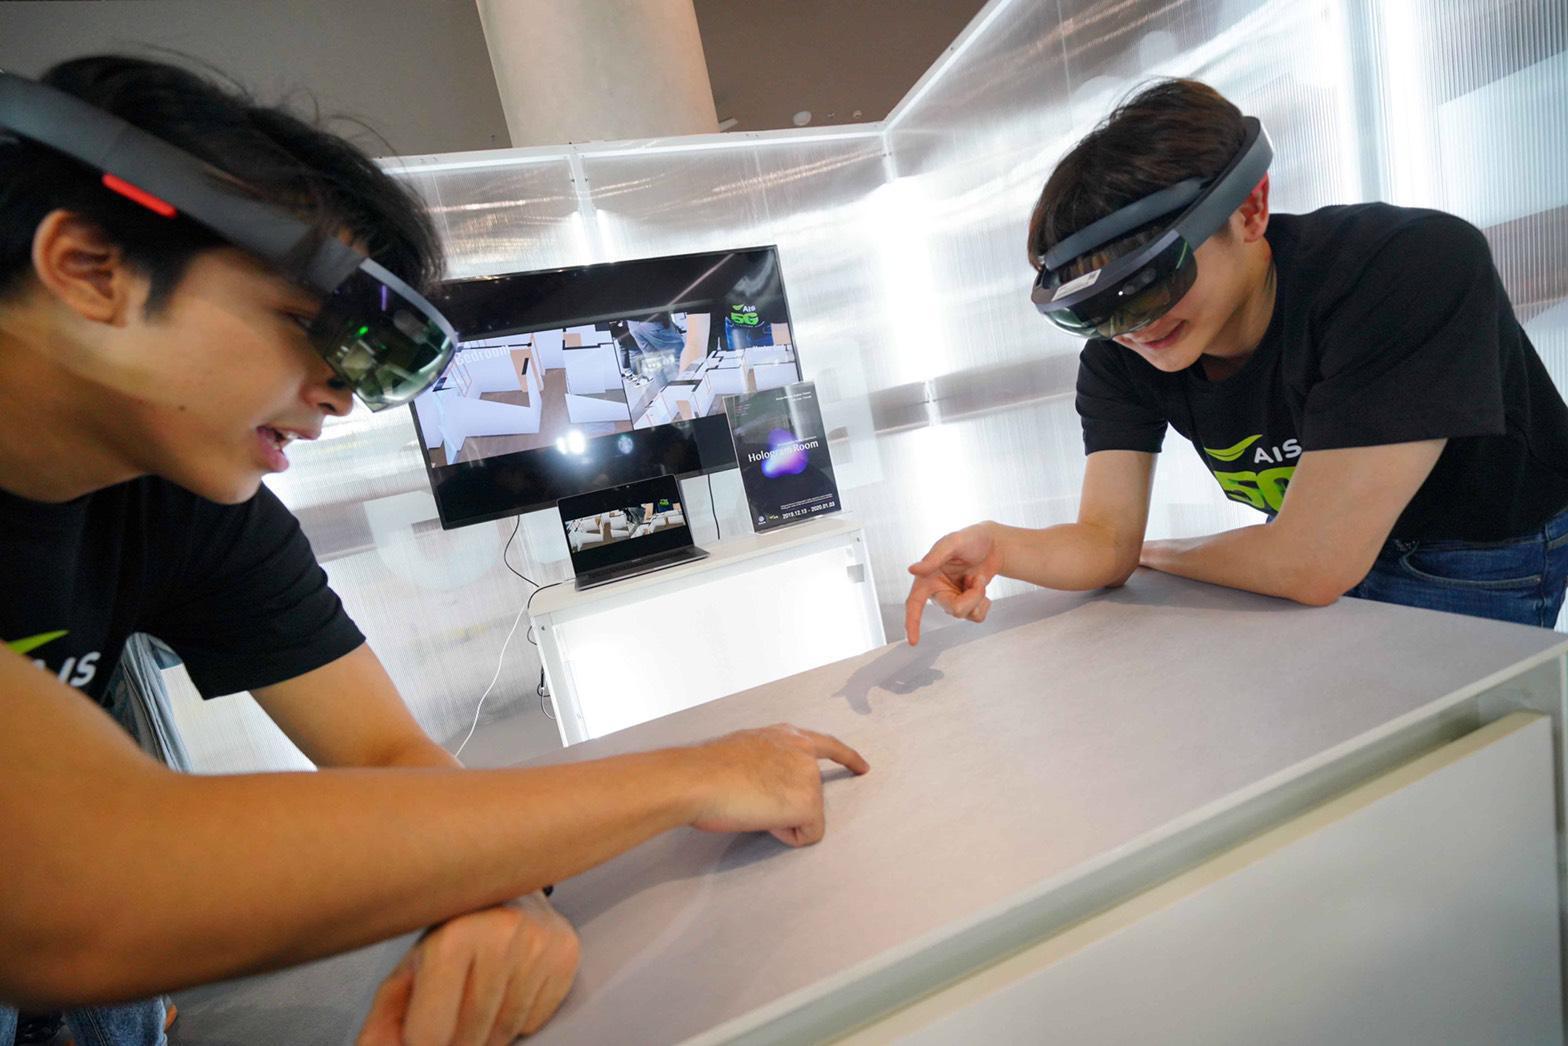 จัดเต็มนวัตกรรม 5G จาก เอไอเอส ผู้นำเบอร์หนึ่งของไทย